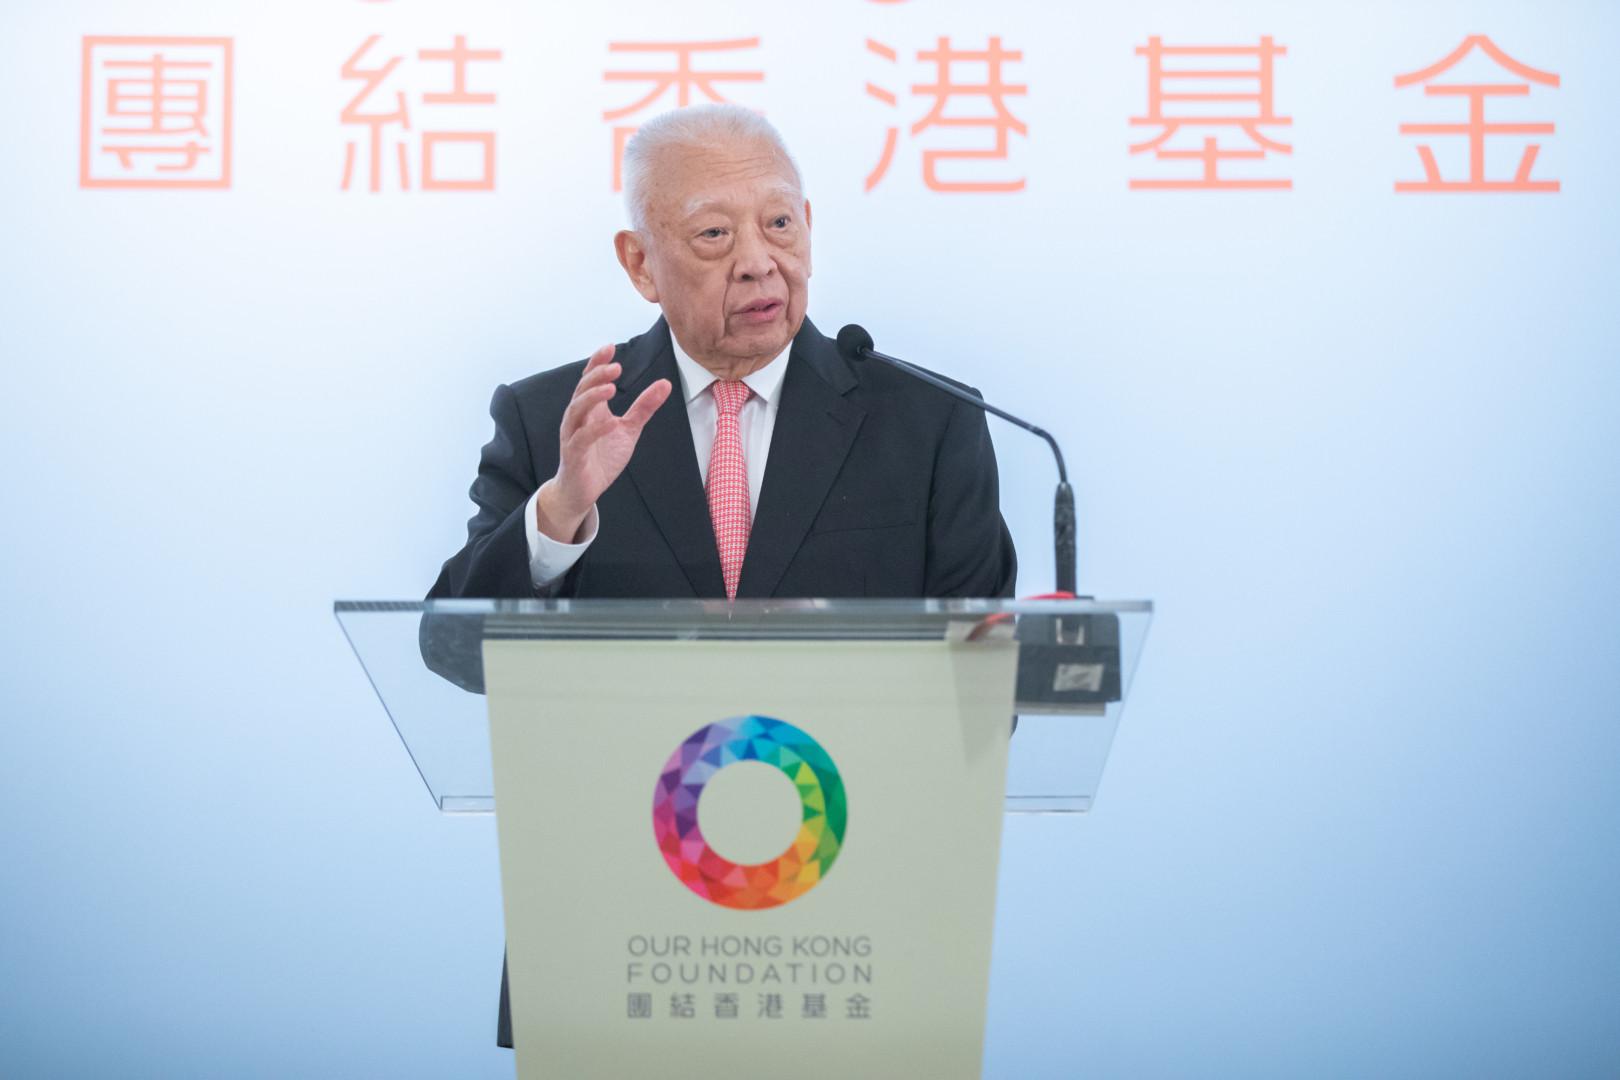 團結香港基金主席董建華指出,今日香港社會眾多問題總跟土地嚴重短缺有關。